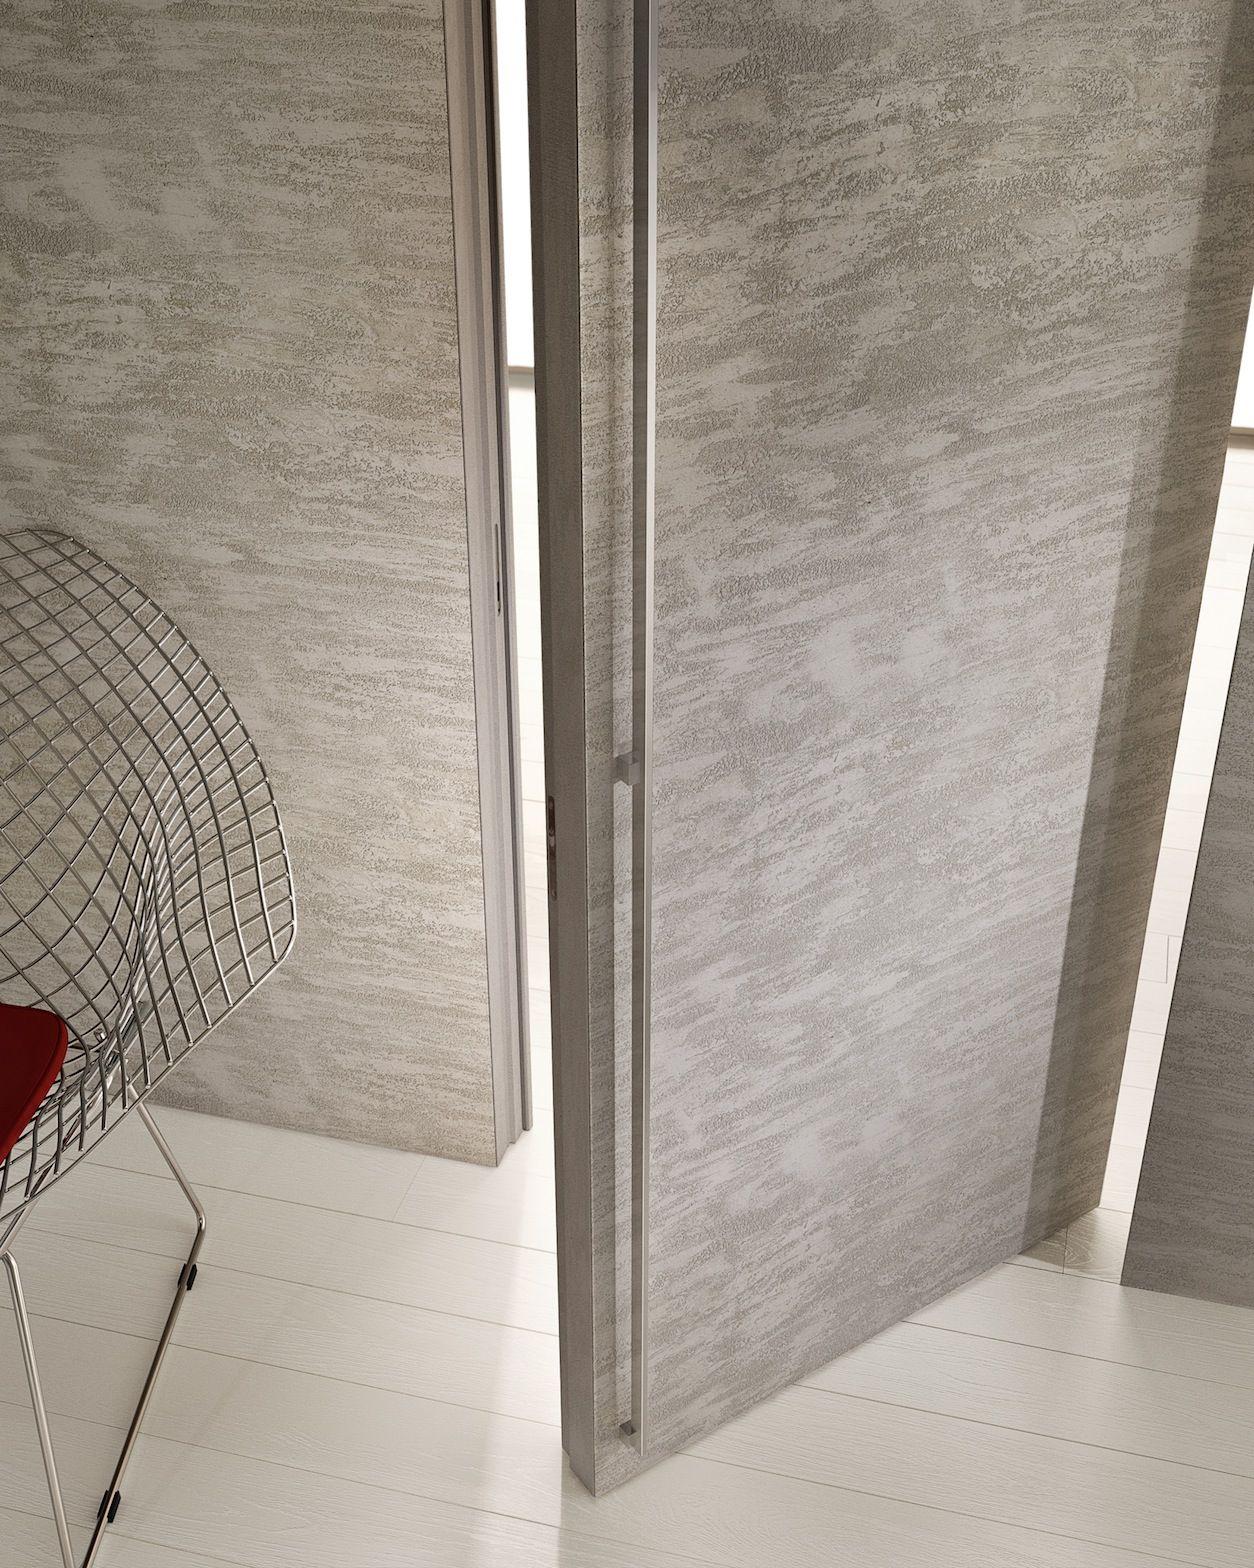 Porta a bilico a filo muro in cemento filomuro by garofoli fur pinterest filo doors and house - Porte filo muro garofoli ...